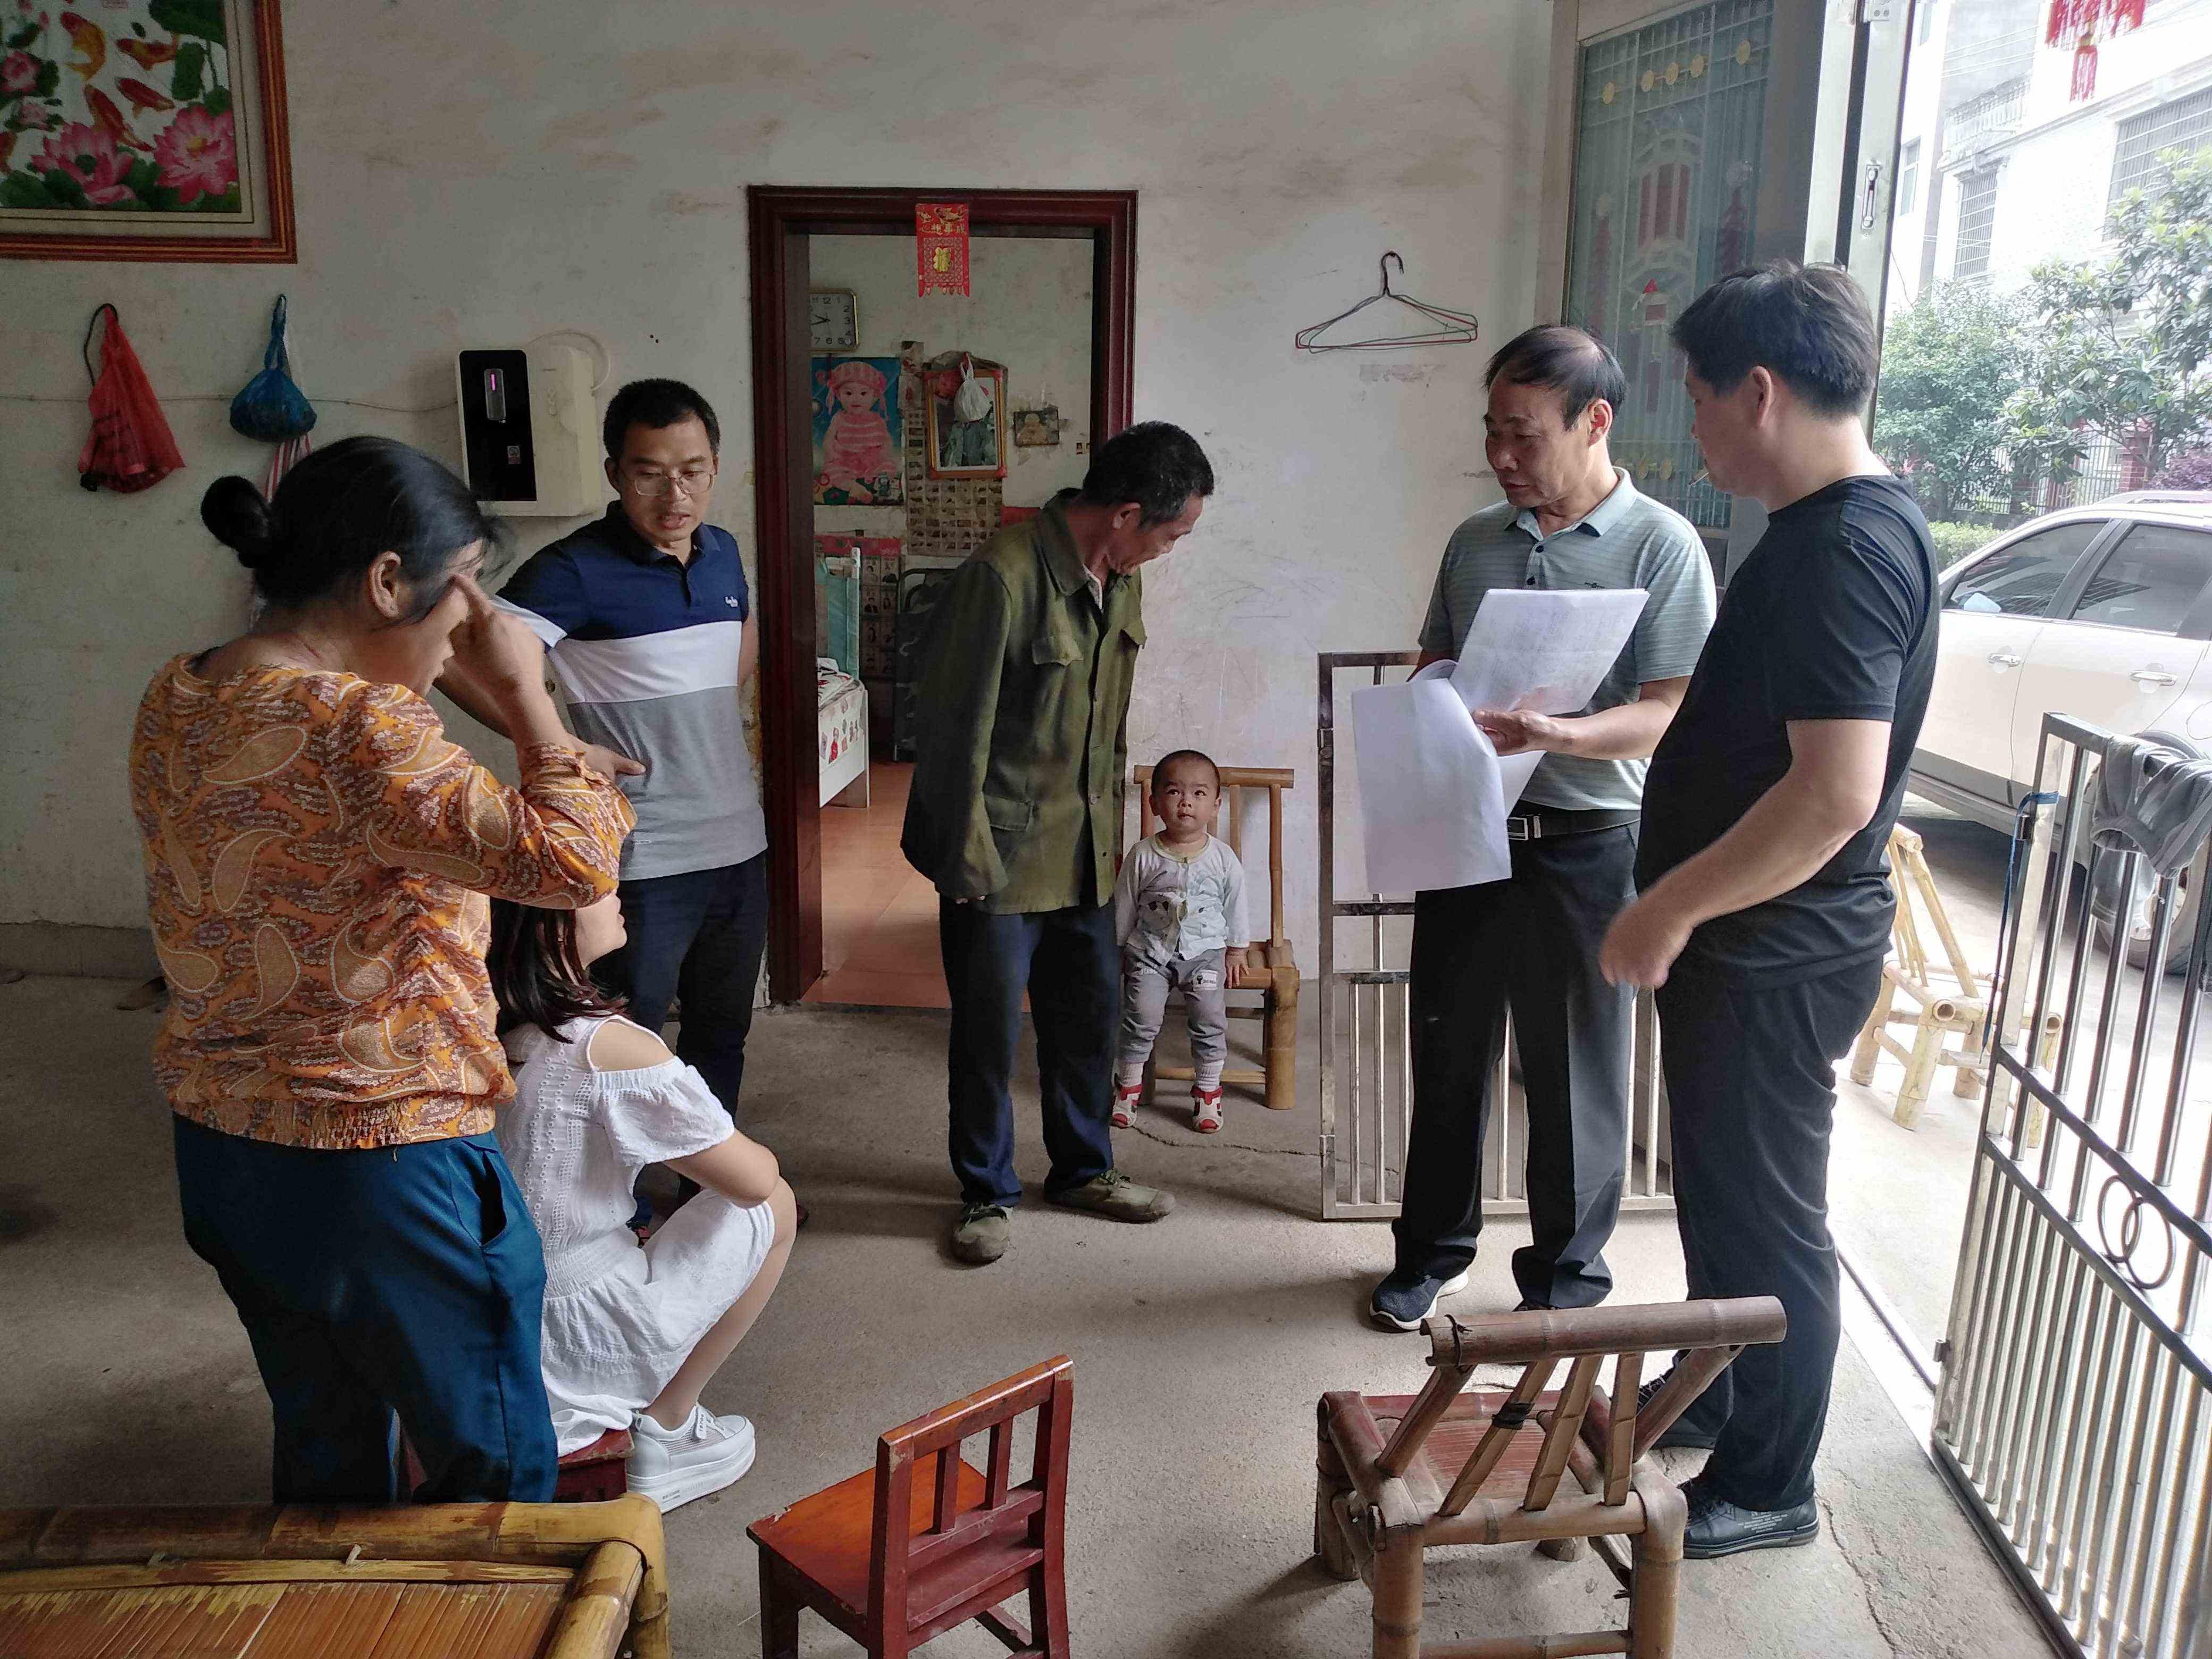 芦洲乡:开展低保入户调查工作